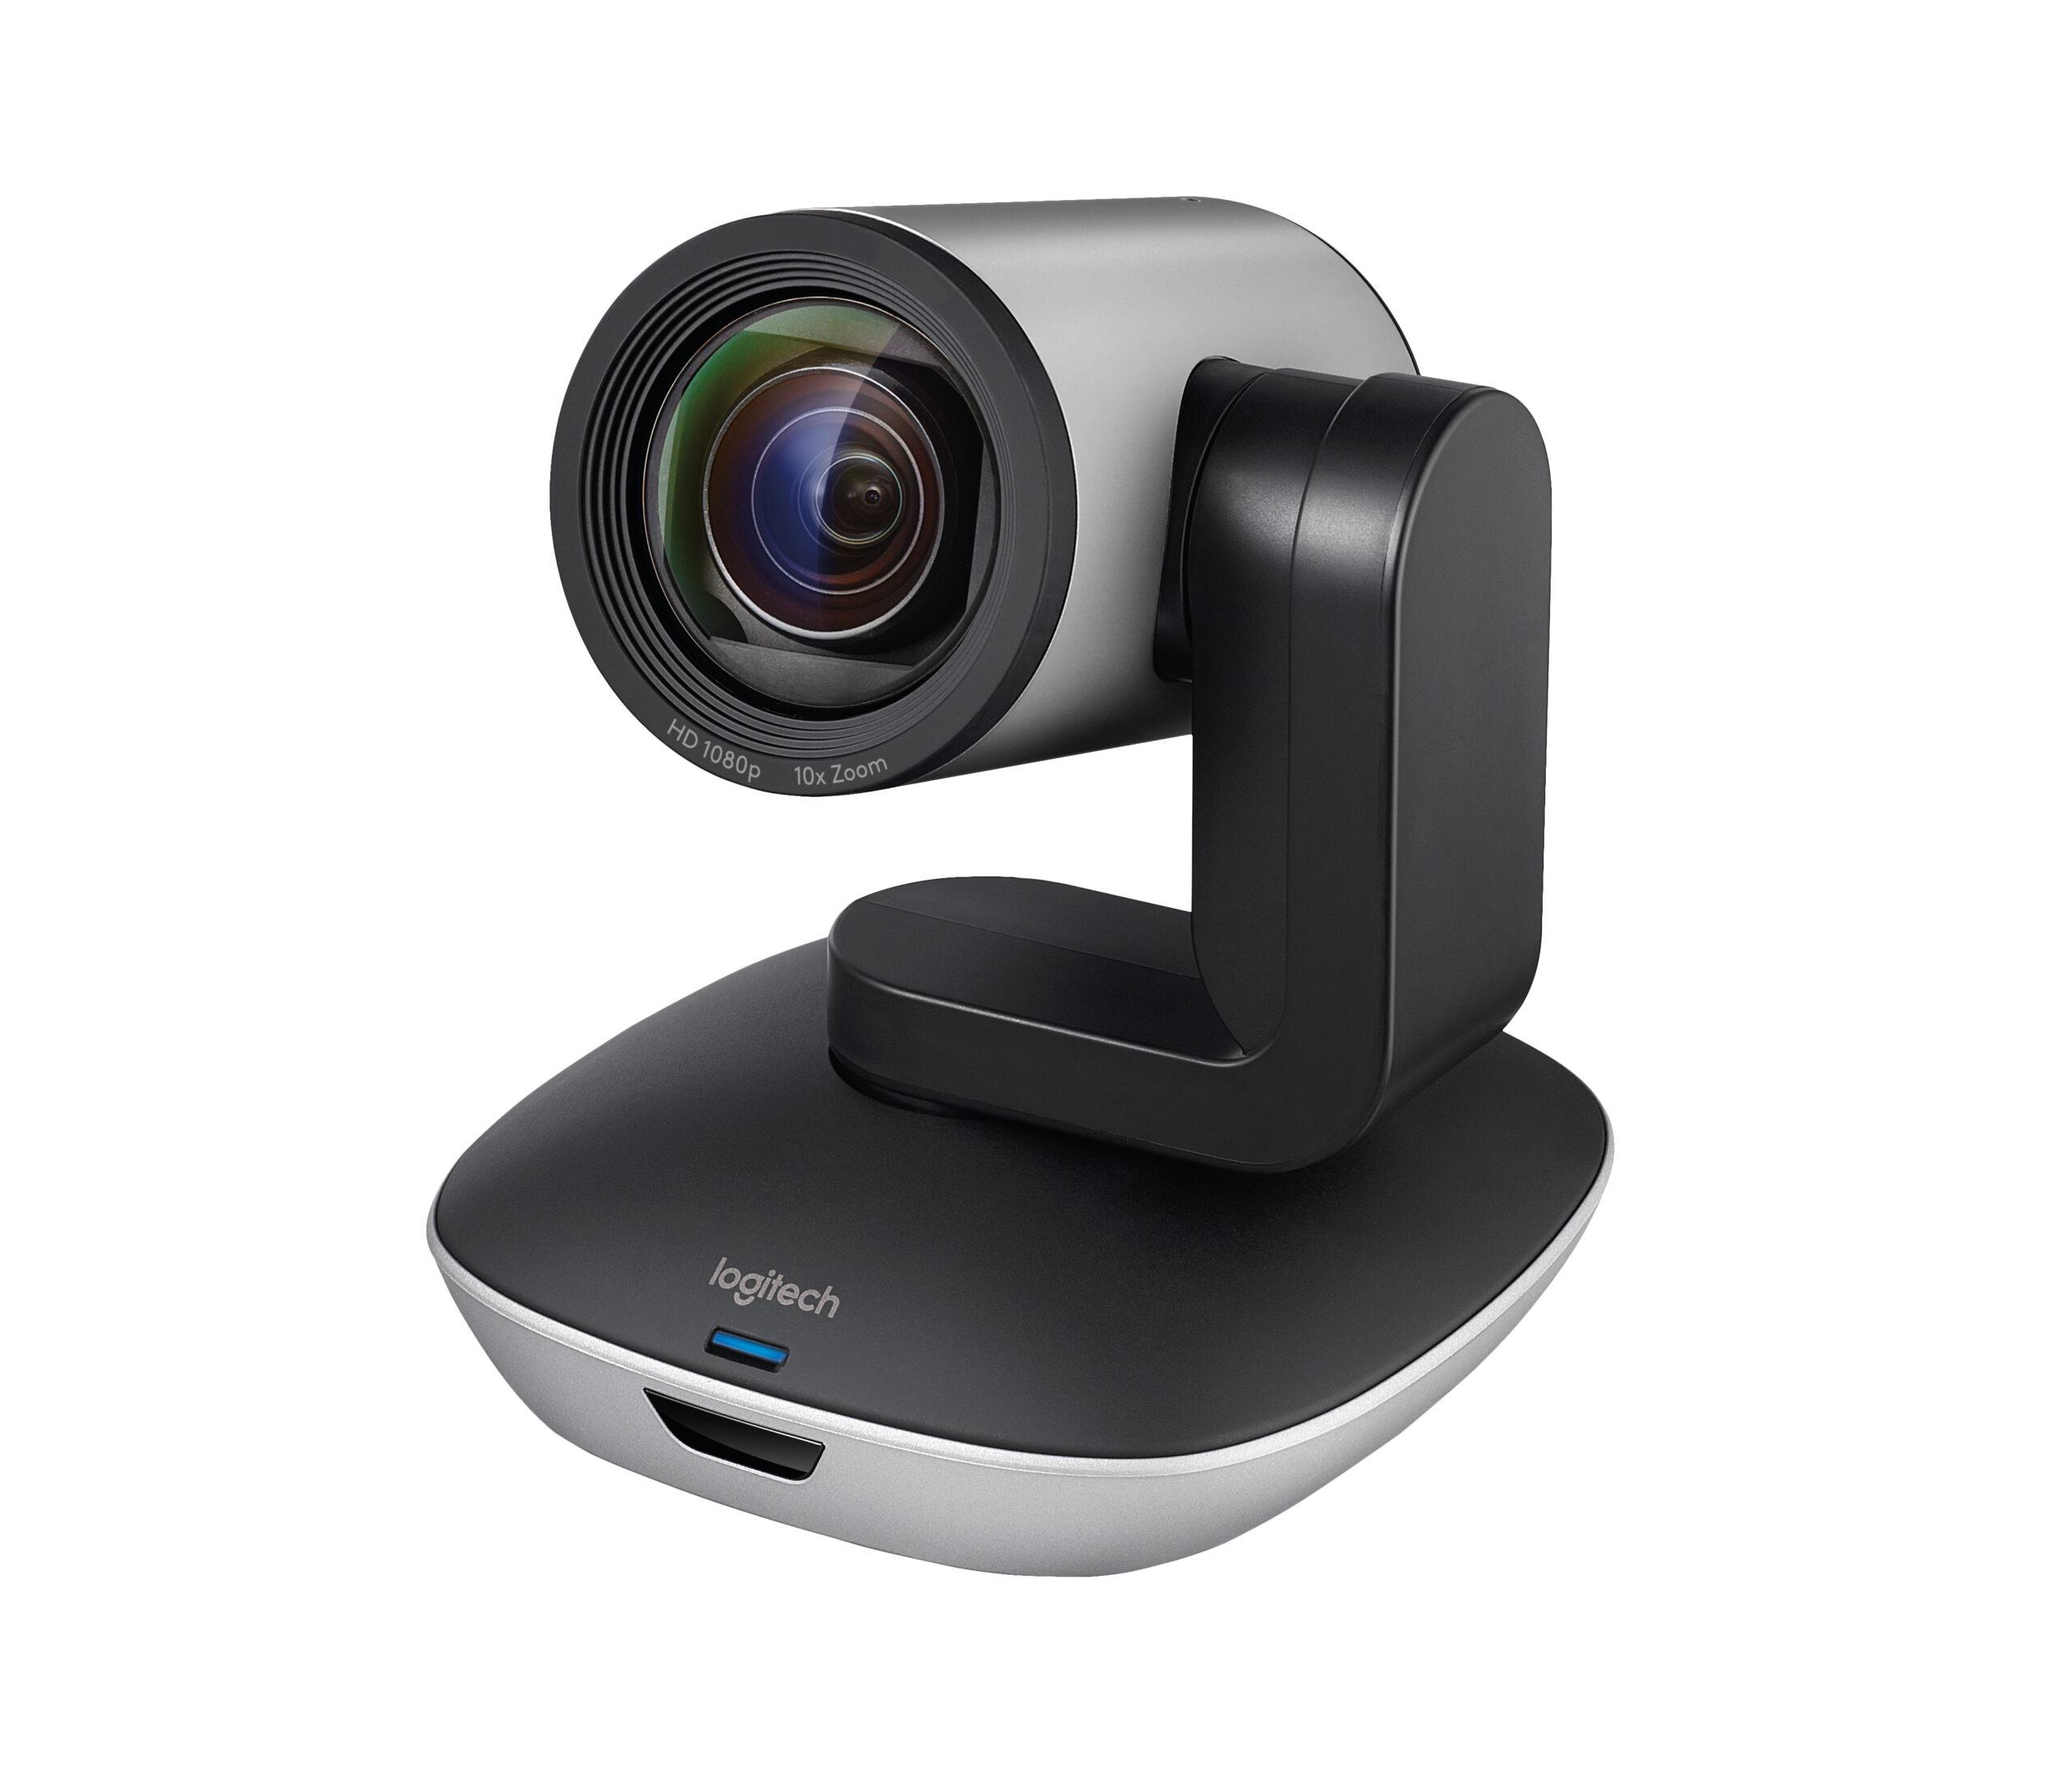 Logitech GROUP videokonferansesystem Gruppevideokonferansesystem